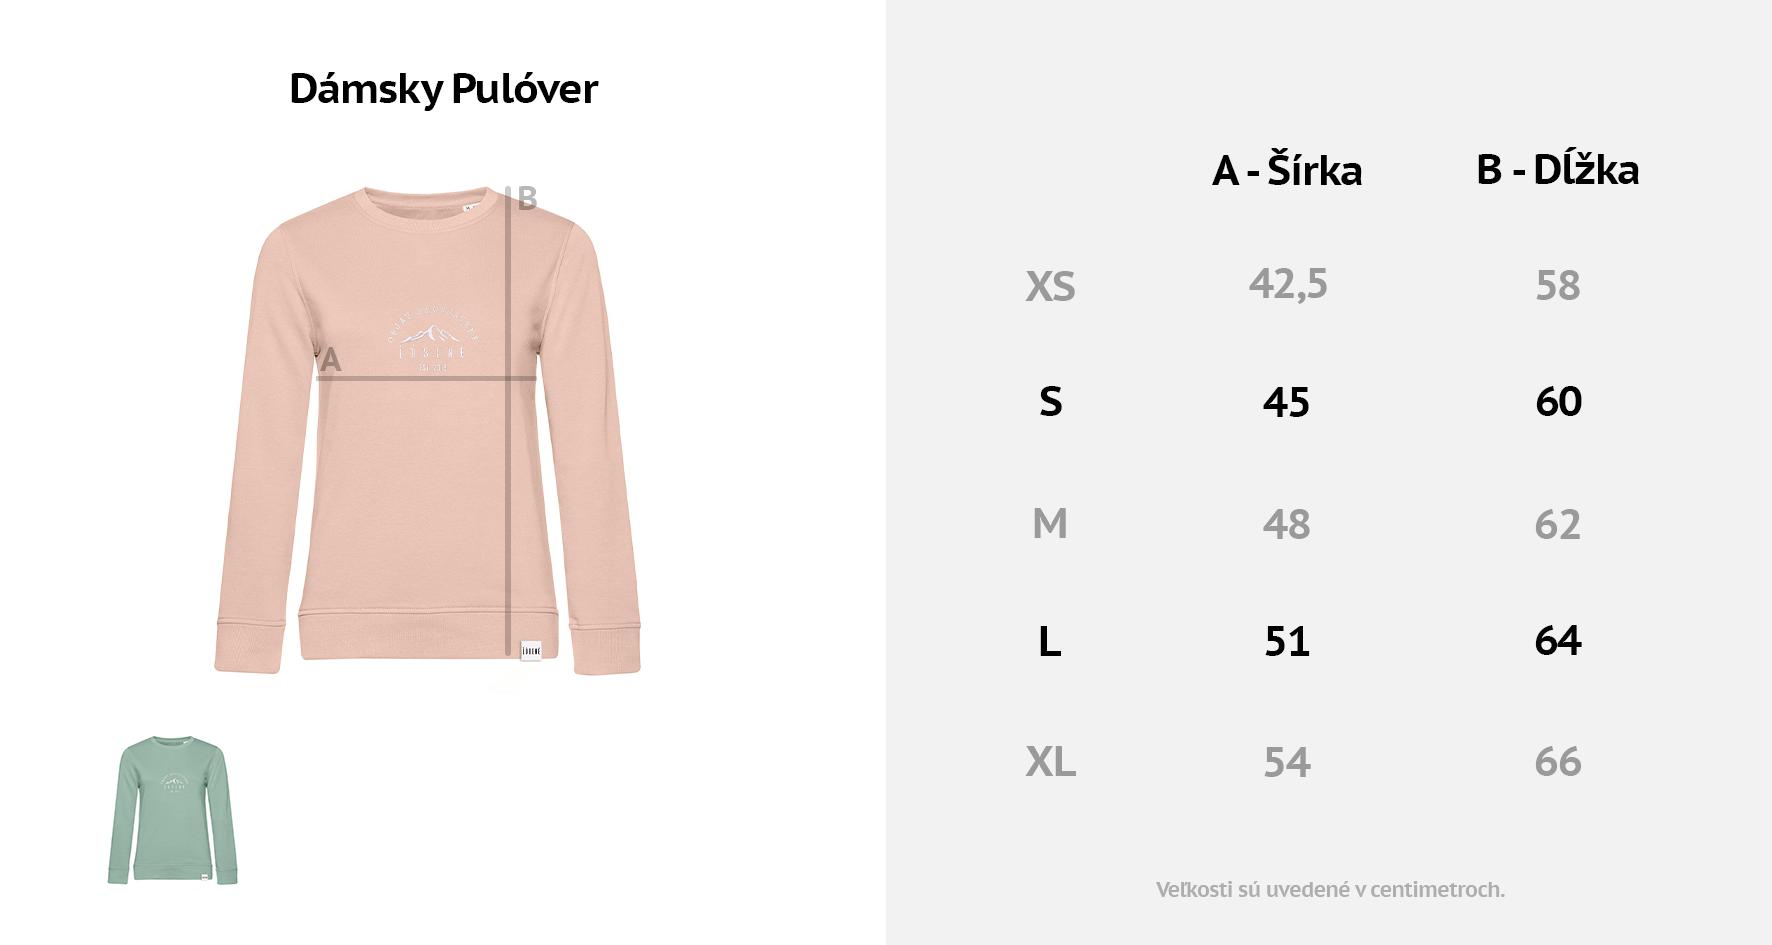 damsky-pulover-tab.png